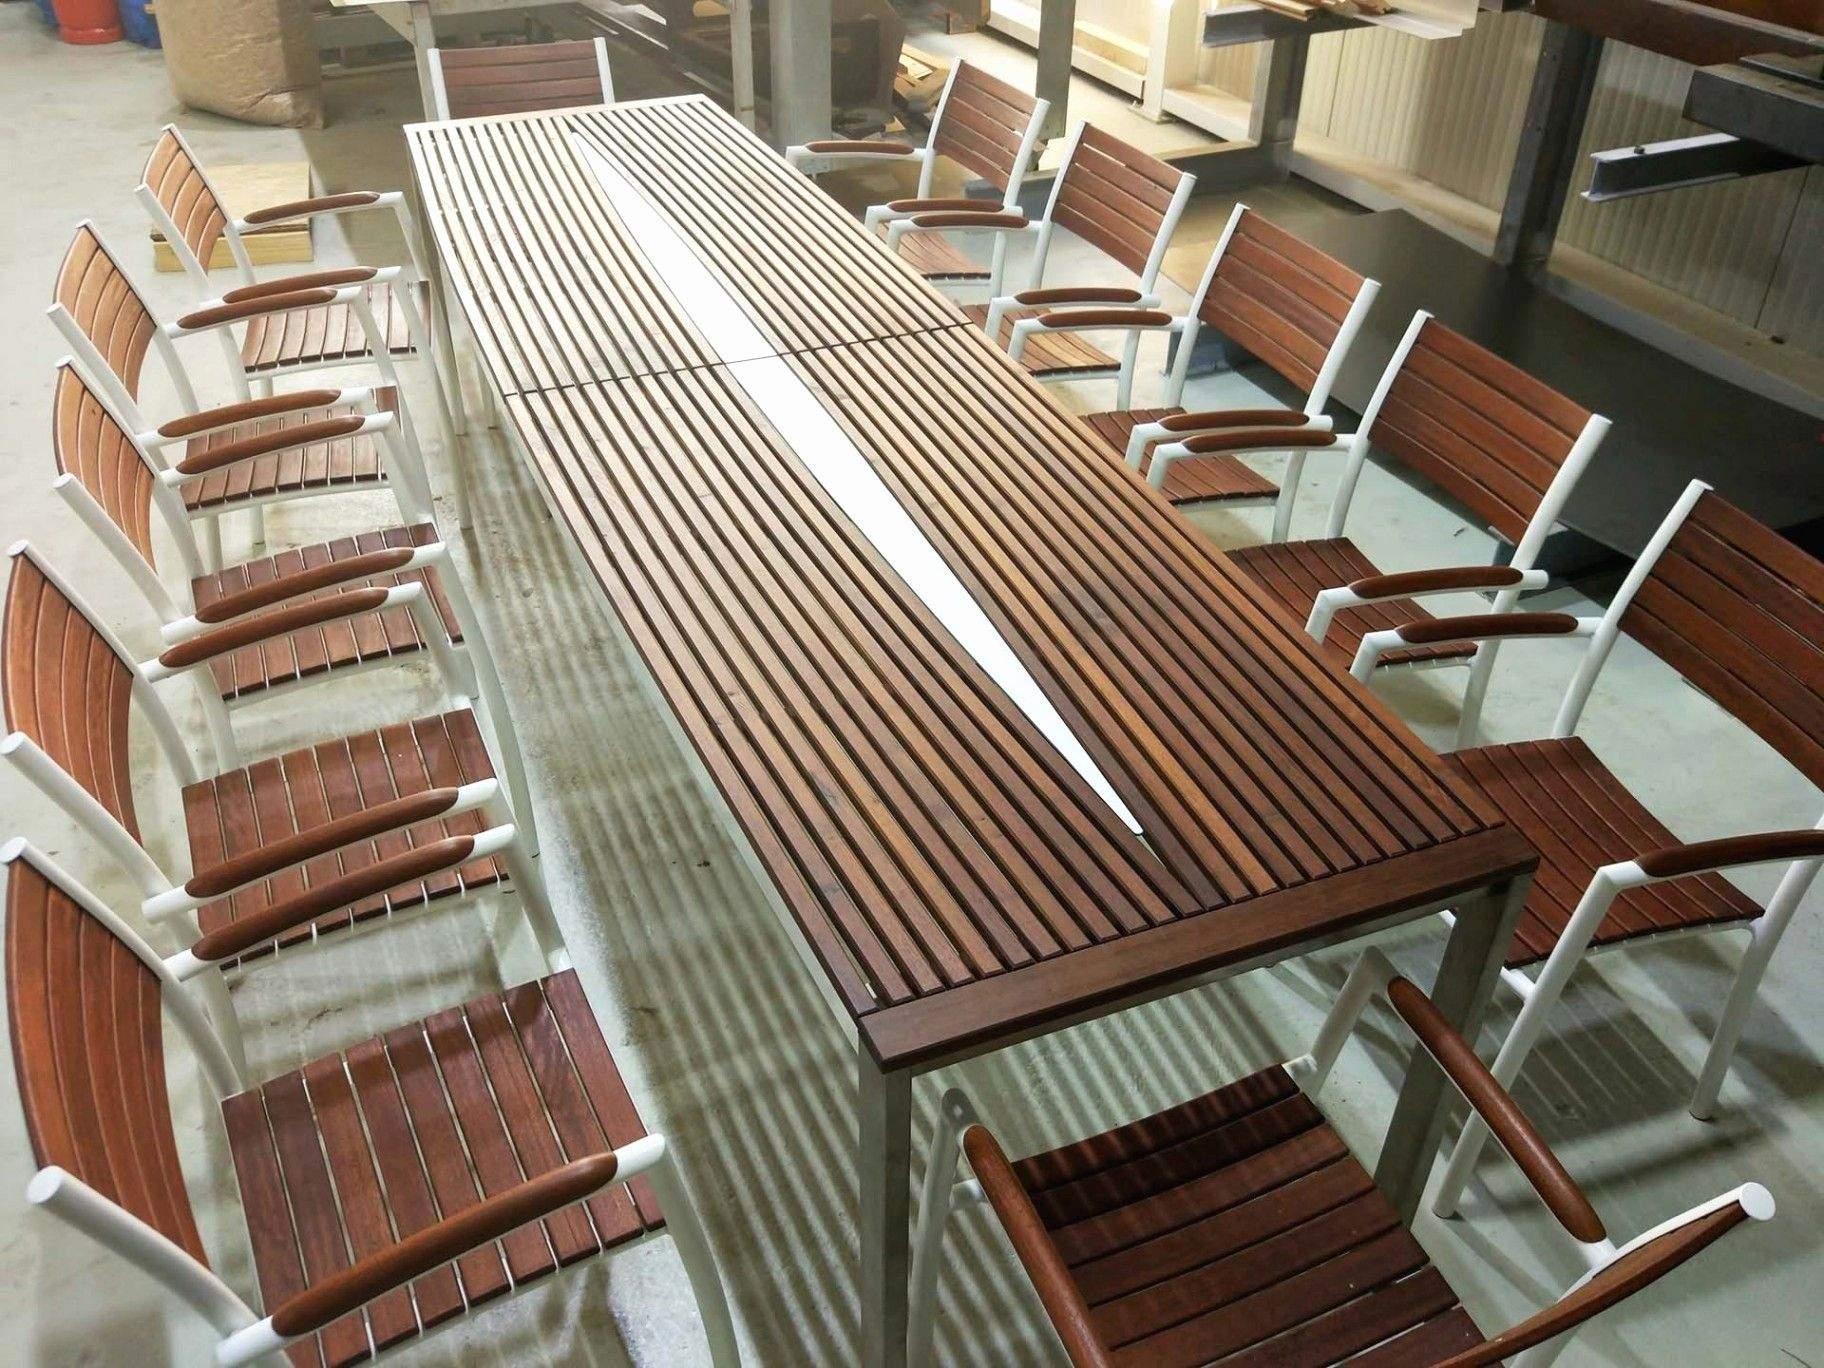 stuehle holz design esstisch schwarz holz komfort esstisch mit bank neu bank balkon 0d einzigartig